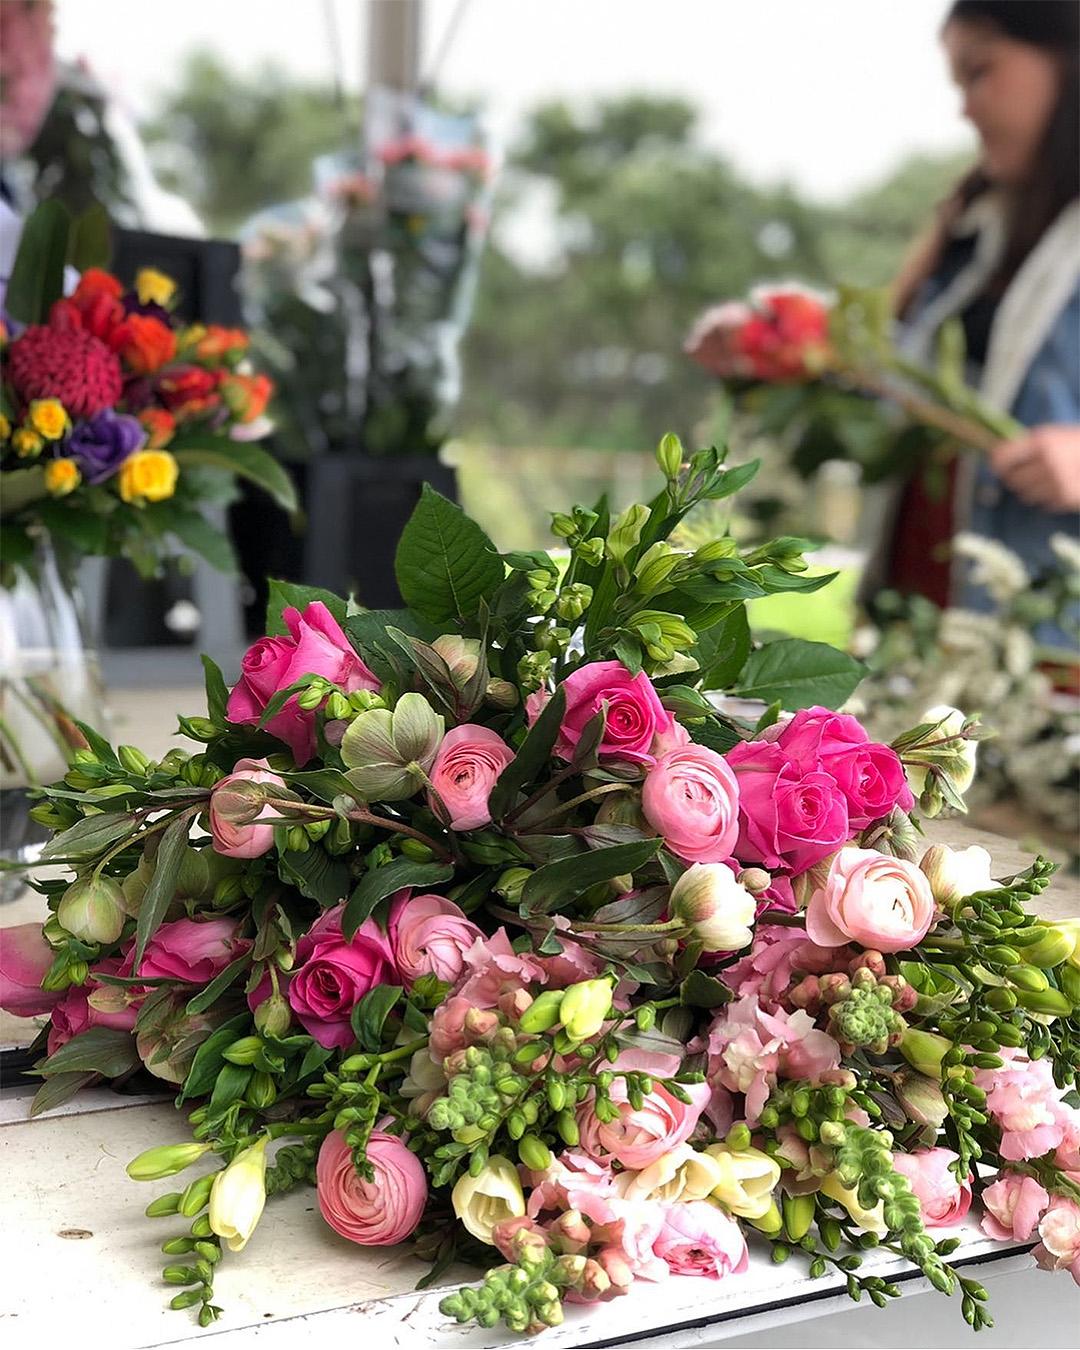 A person at La Femme Fleur flower truck makes an arrangement.